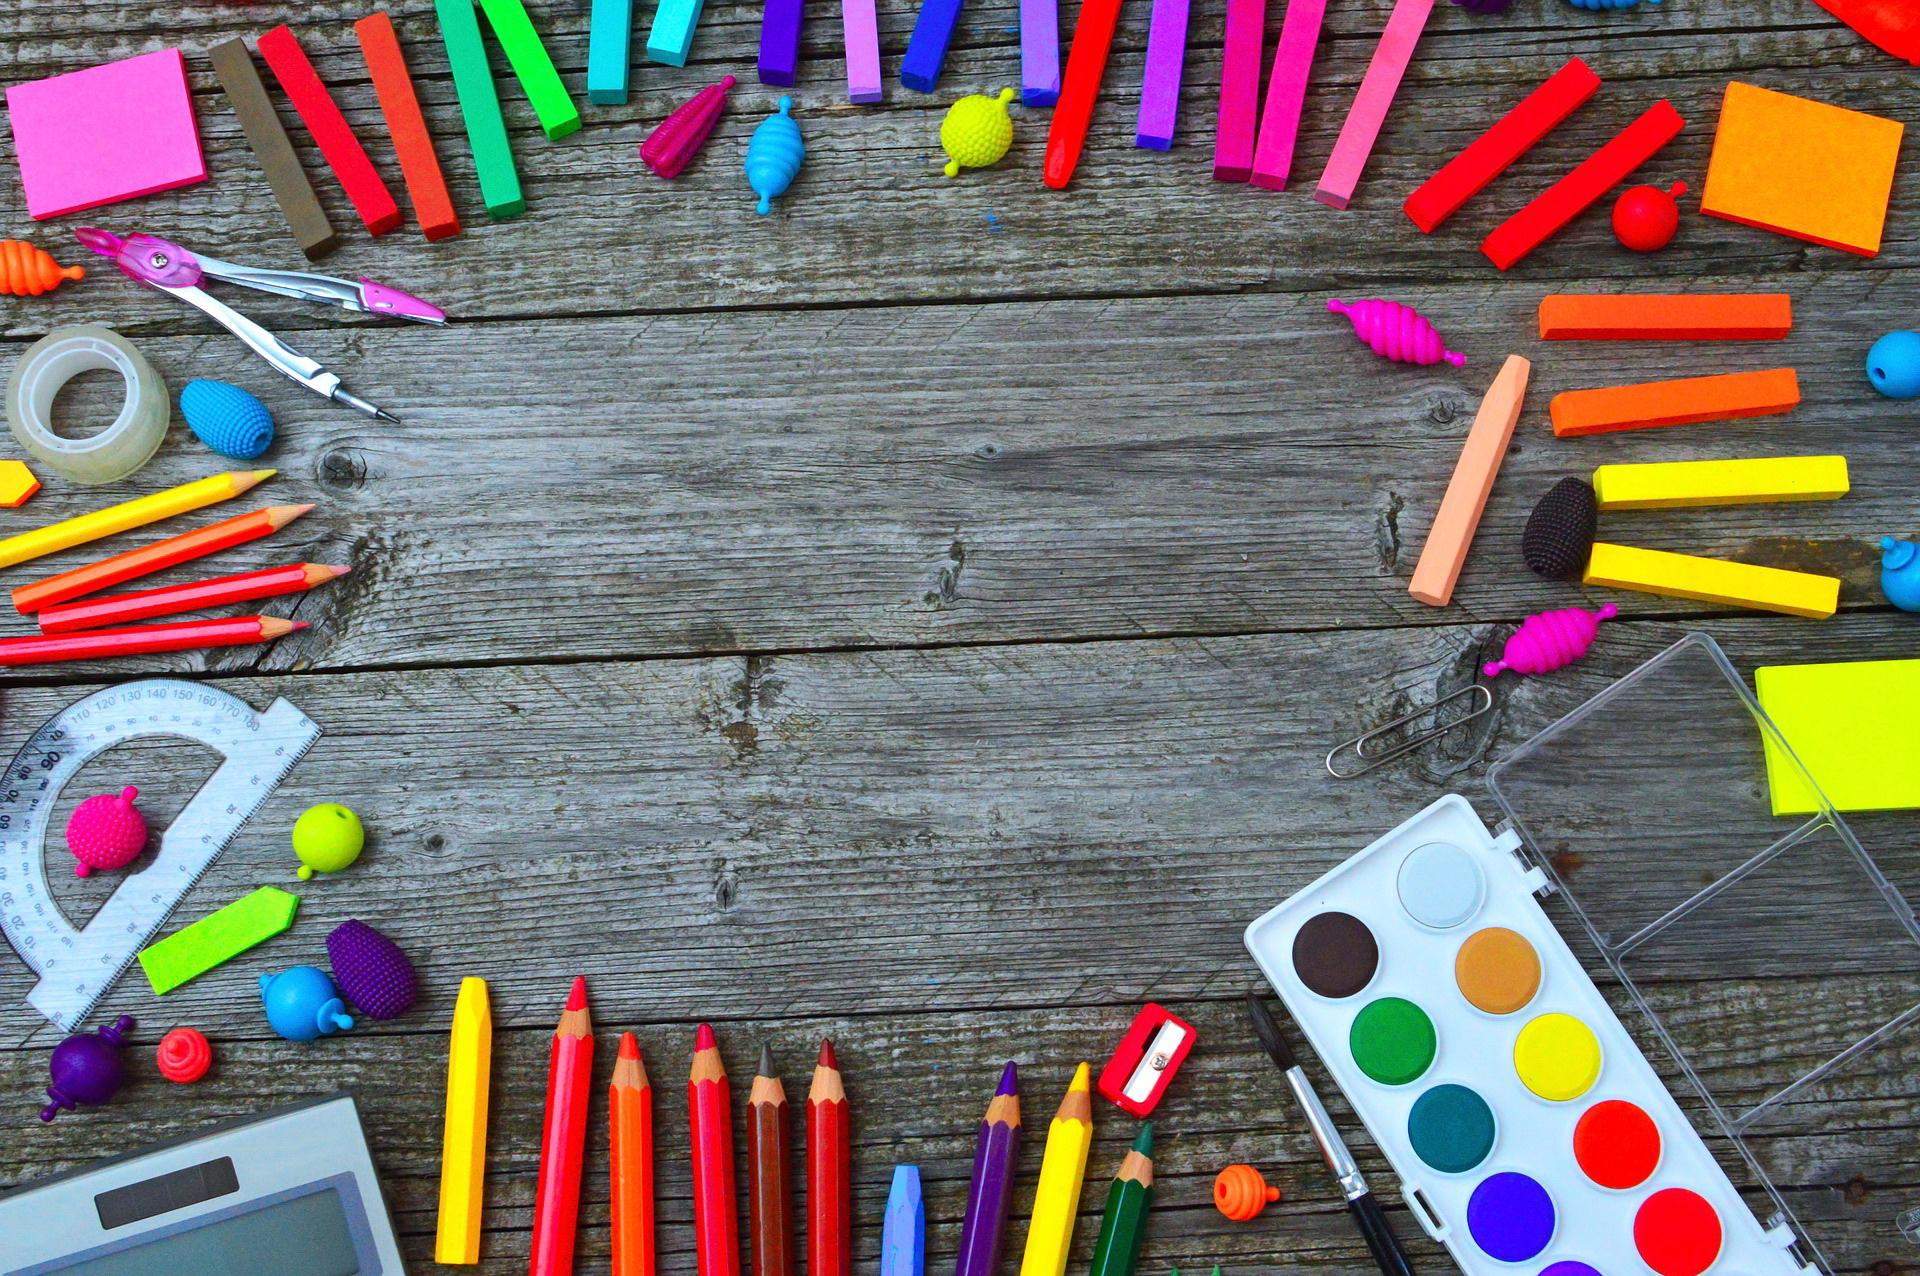 zagadki dla dzieci z odpowiedziami przybory szkolne